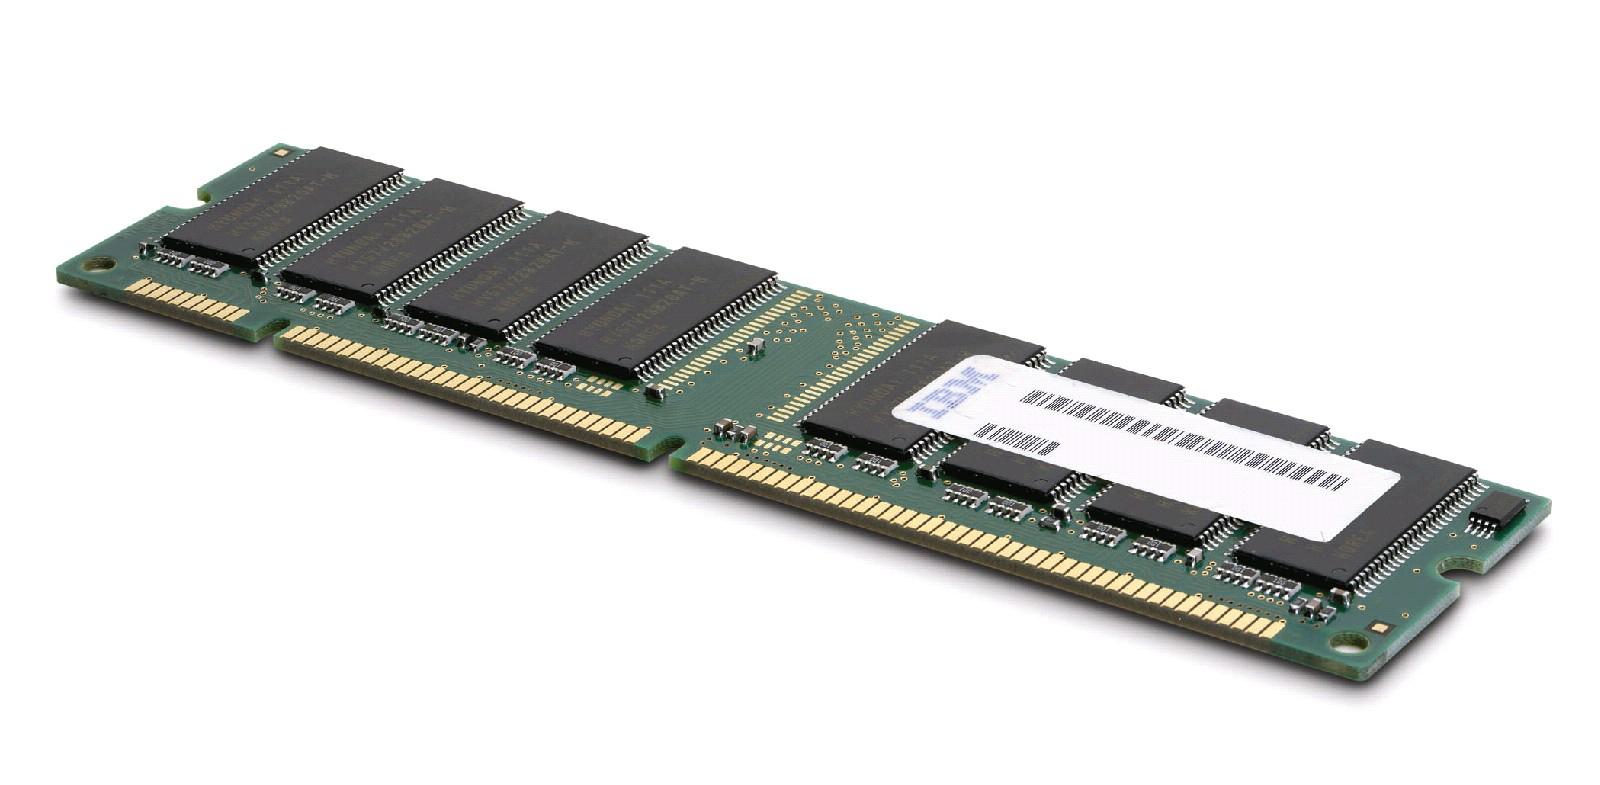 49Y1562 IBM Spare 16Gb PC3L-10600 CL9 ECC DDR3 LP RDIMM Refurbished with 1 year warranty